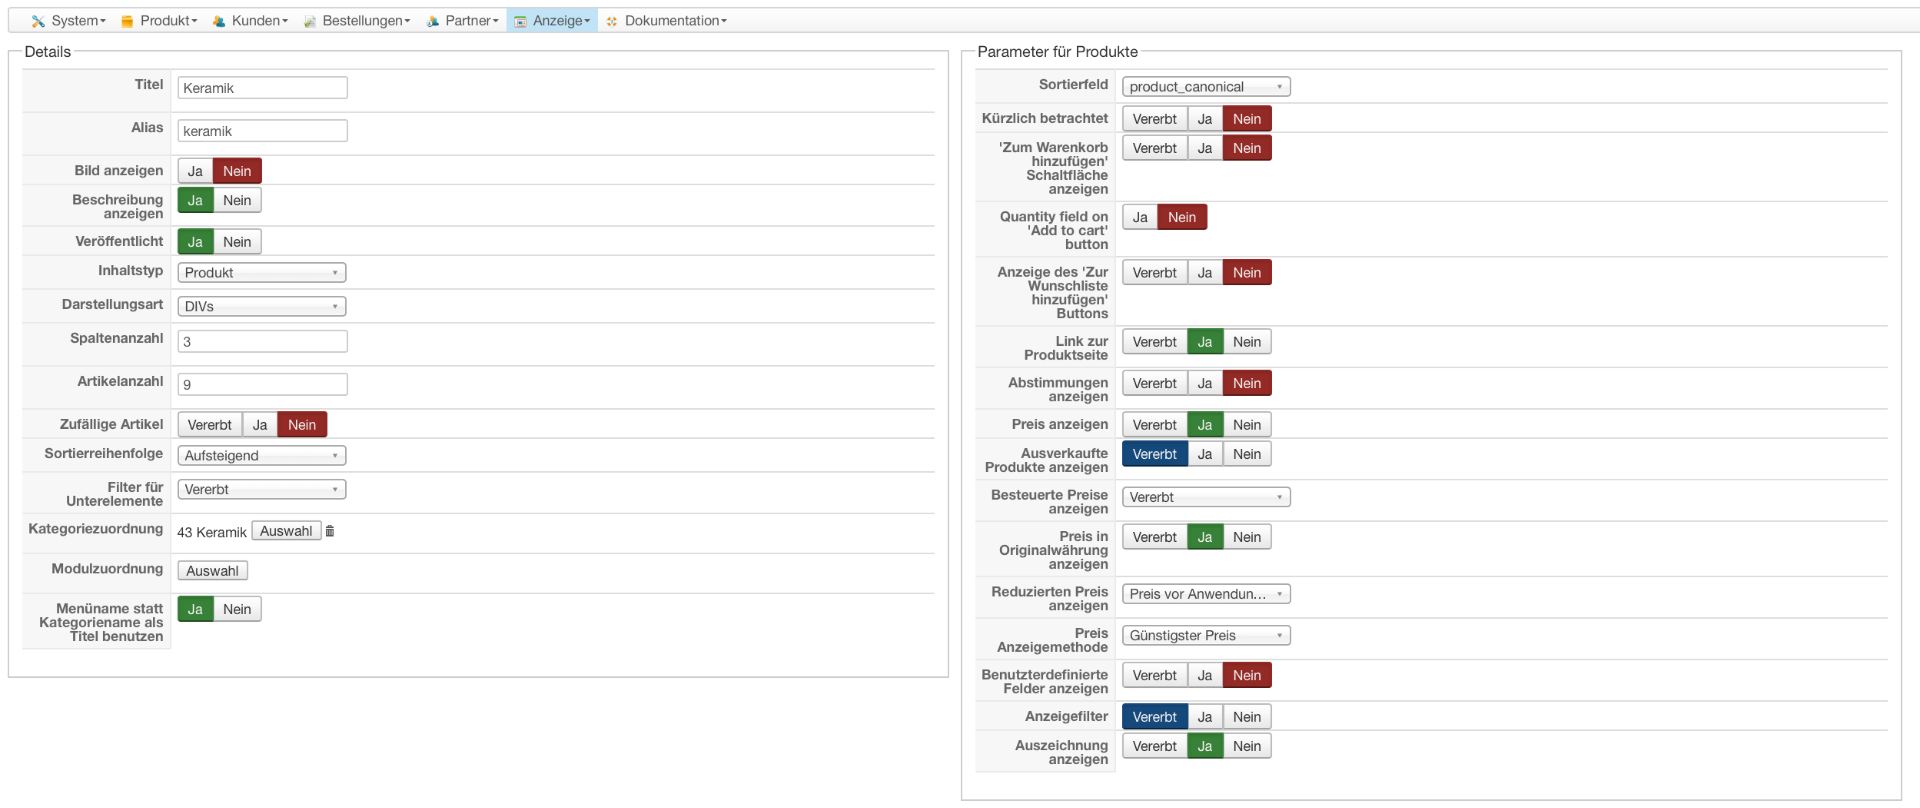 HikaShop - Einordnung der Produkte in Produktübersicht - HikaShop